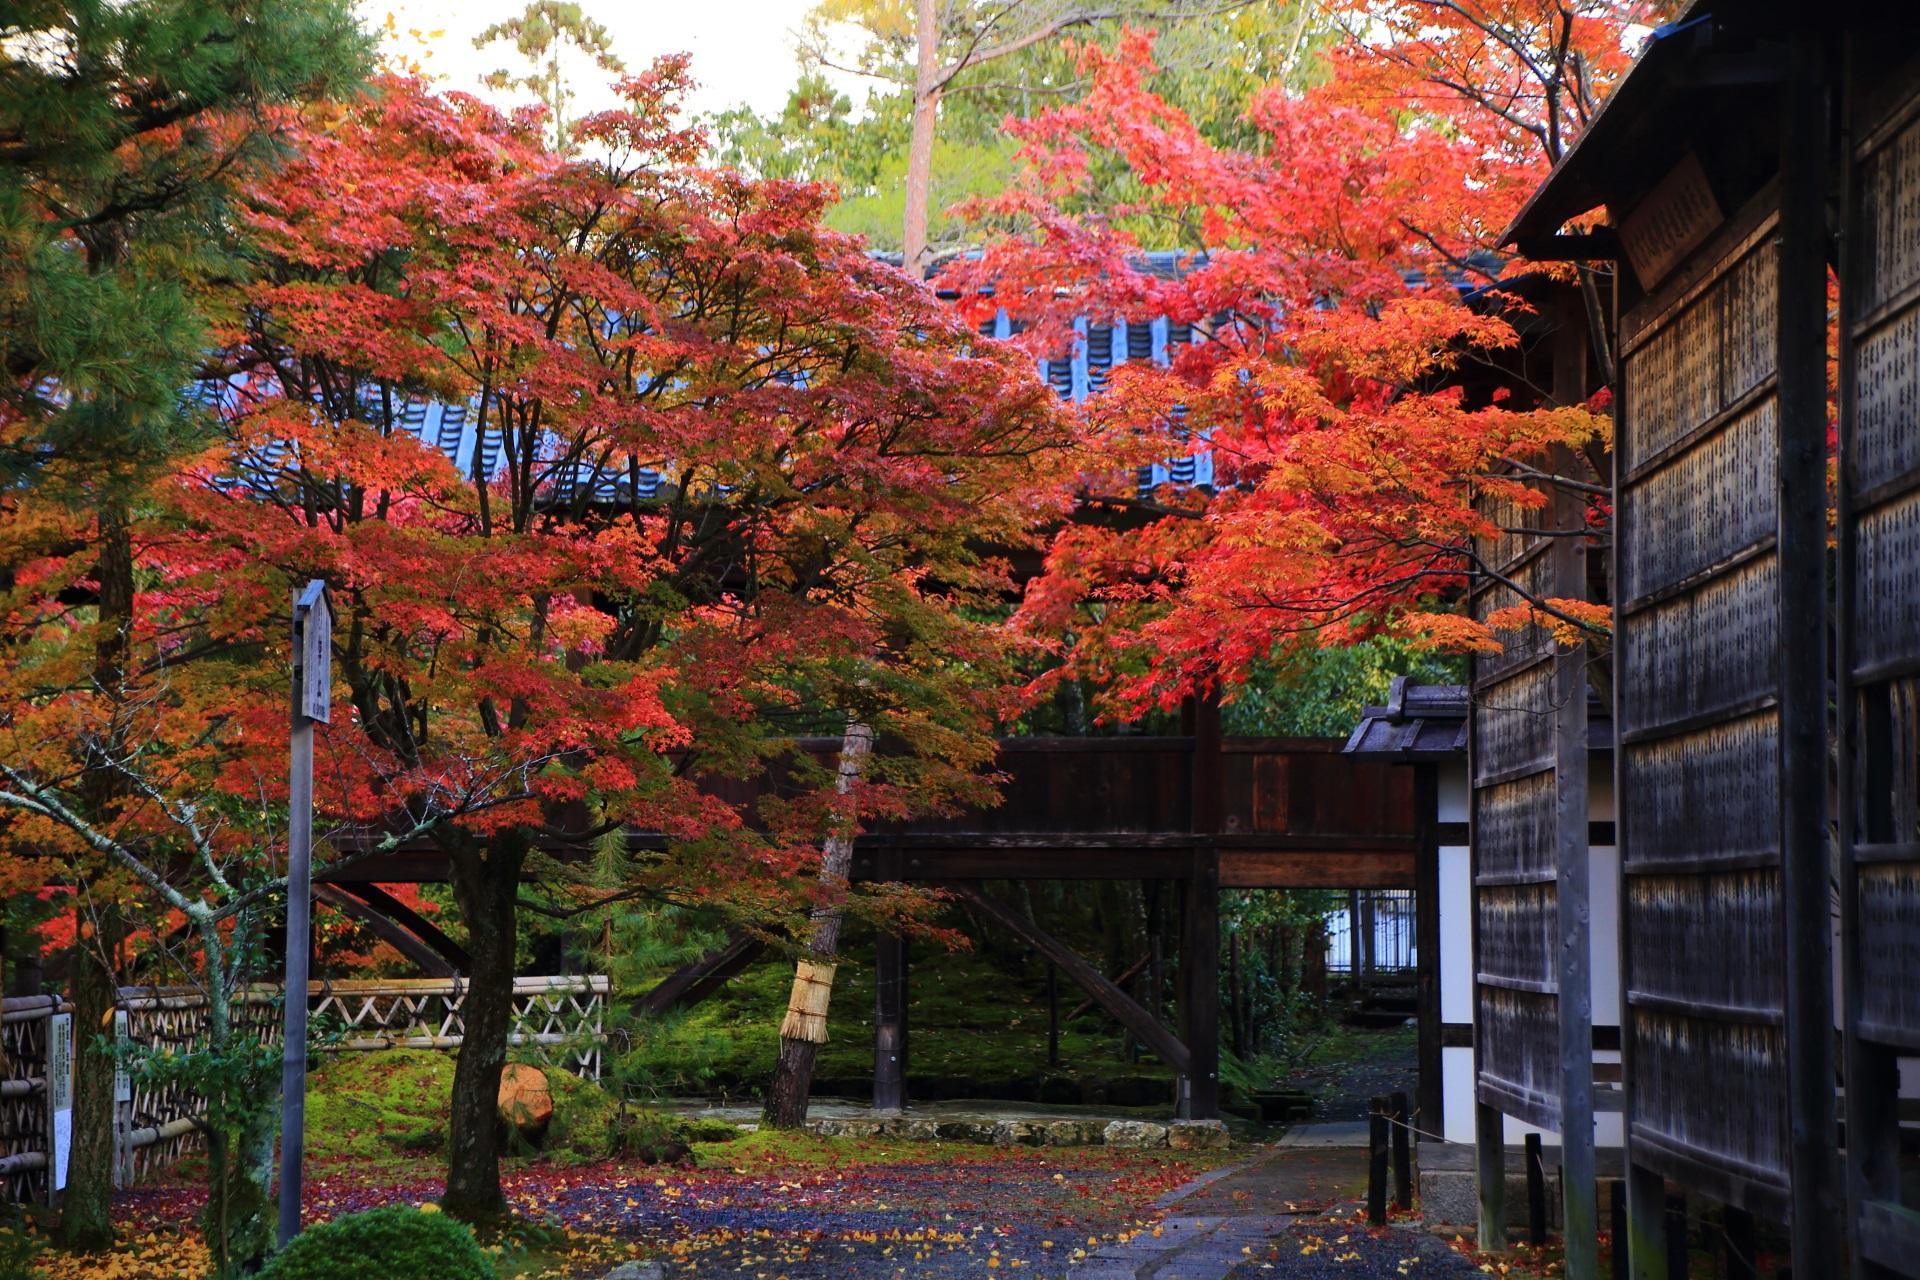 鮮やかに彩られた回廊の下を通る風情ある参道